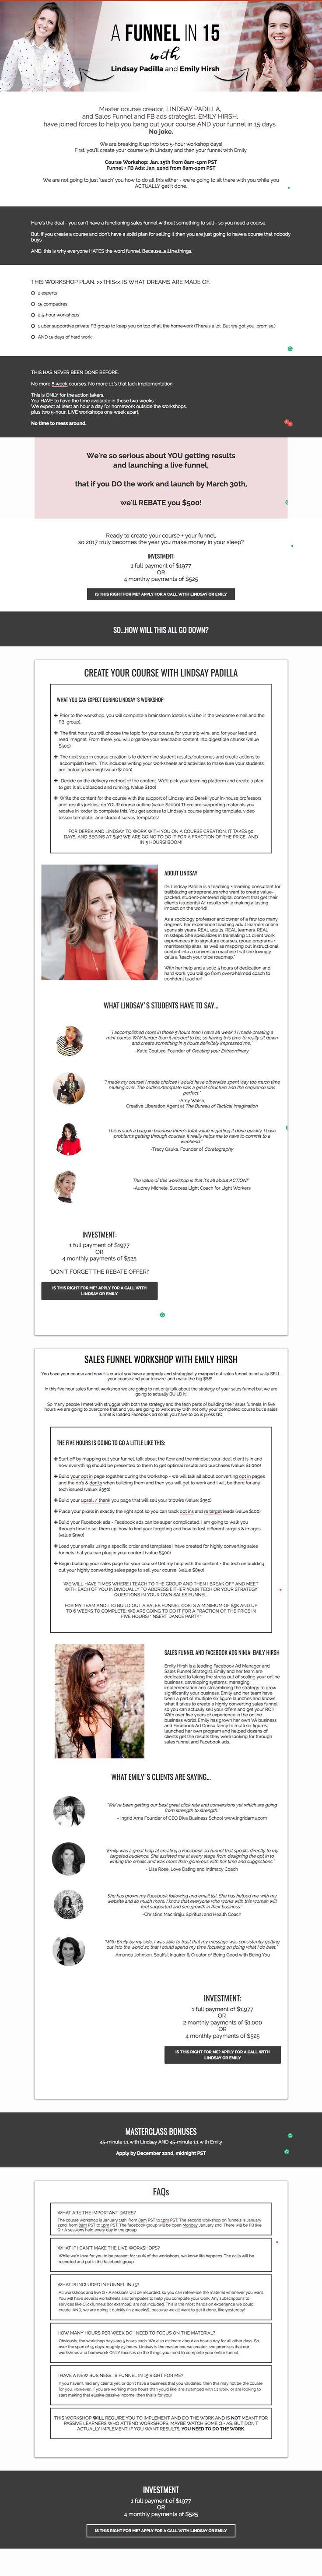 20 best sales page design images on pinterest design websites blog design web design inspiration design web brand design website designs business branding blog tips journalism clarity fandeluxe Image collections